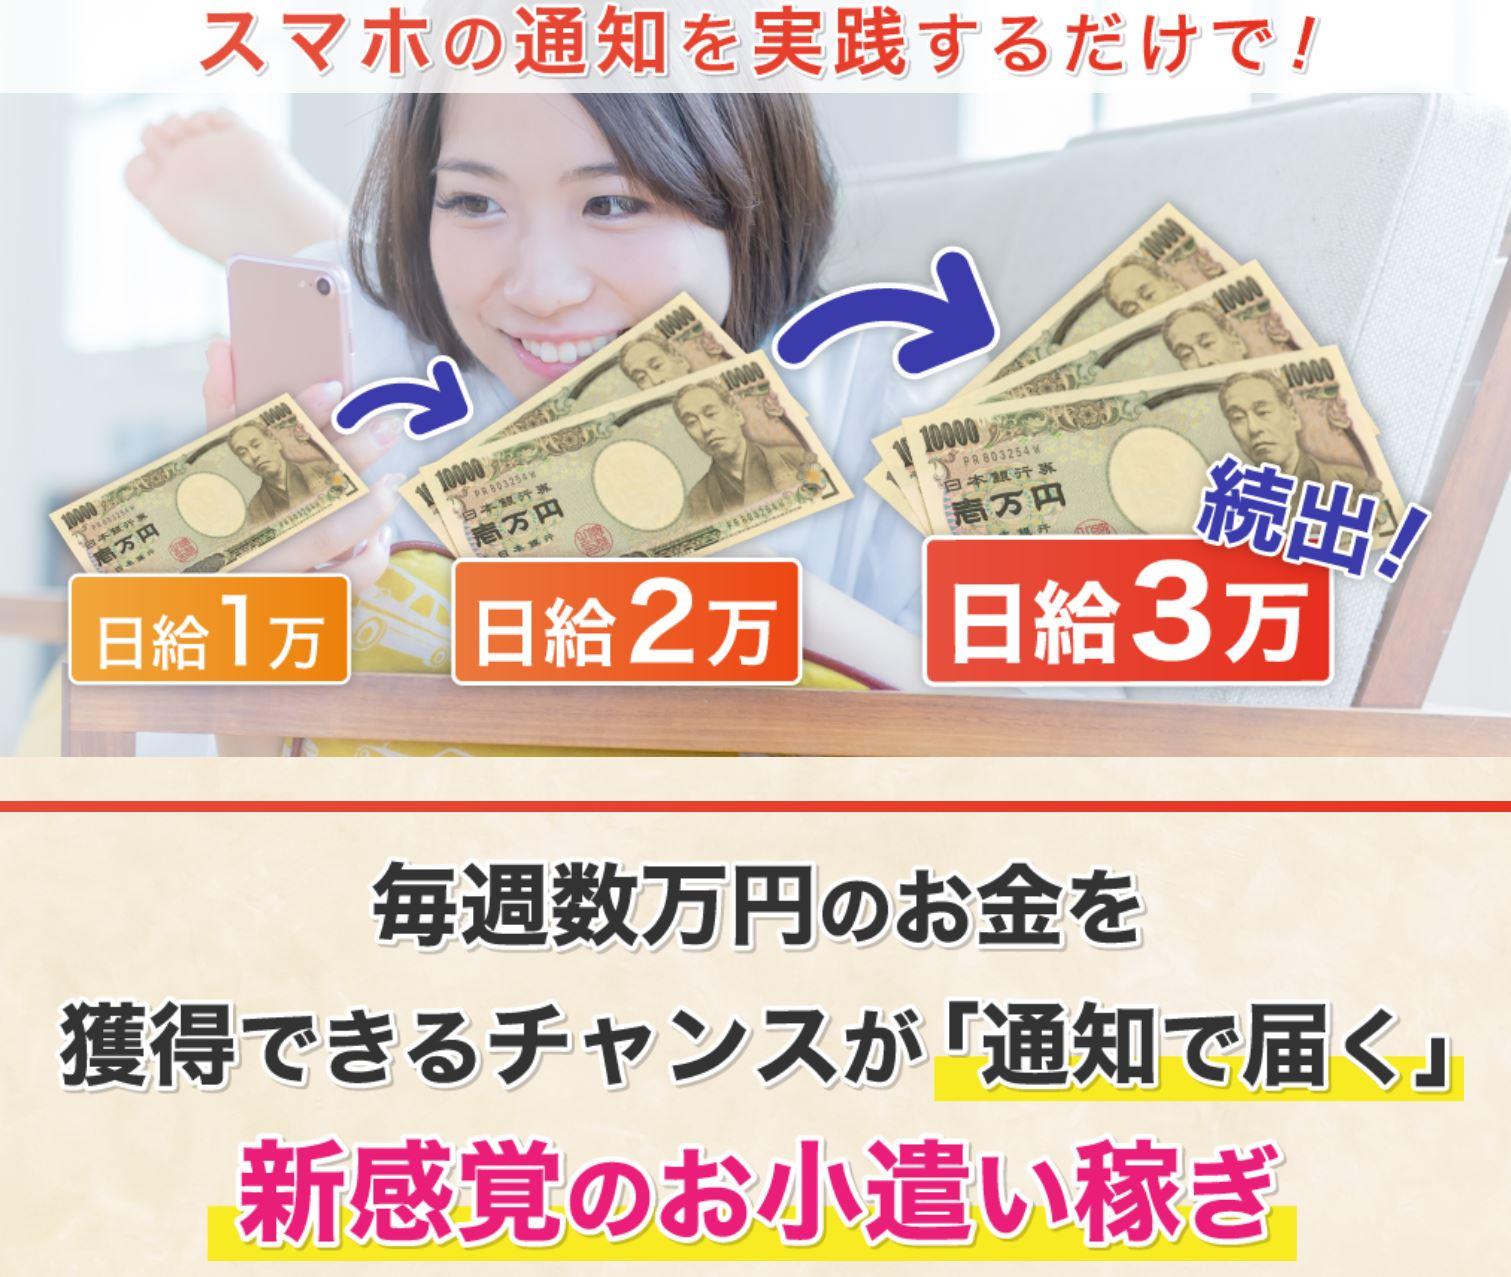 藤村千里 Aegis(イージス)  日給3万円稼ぐことができる?副業調査